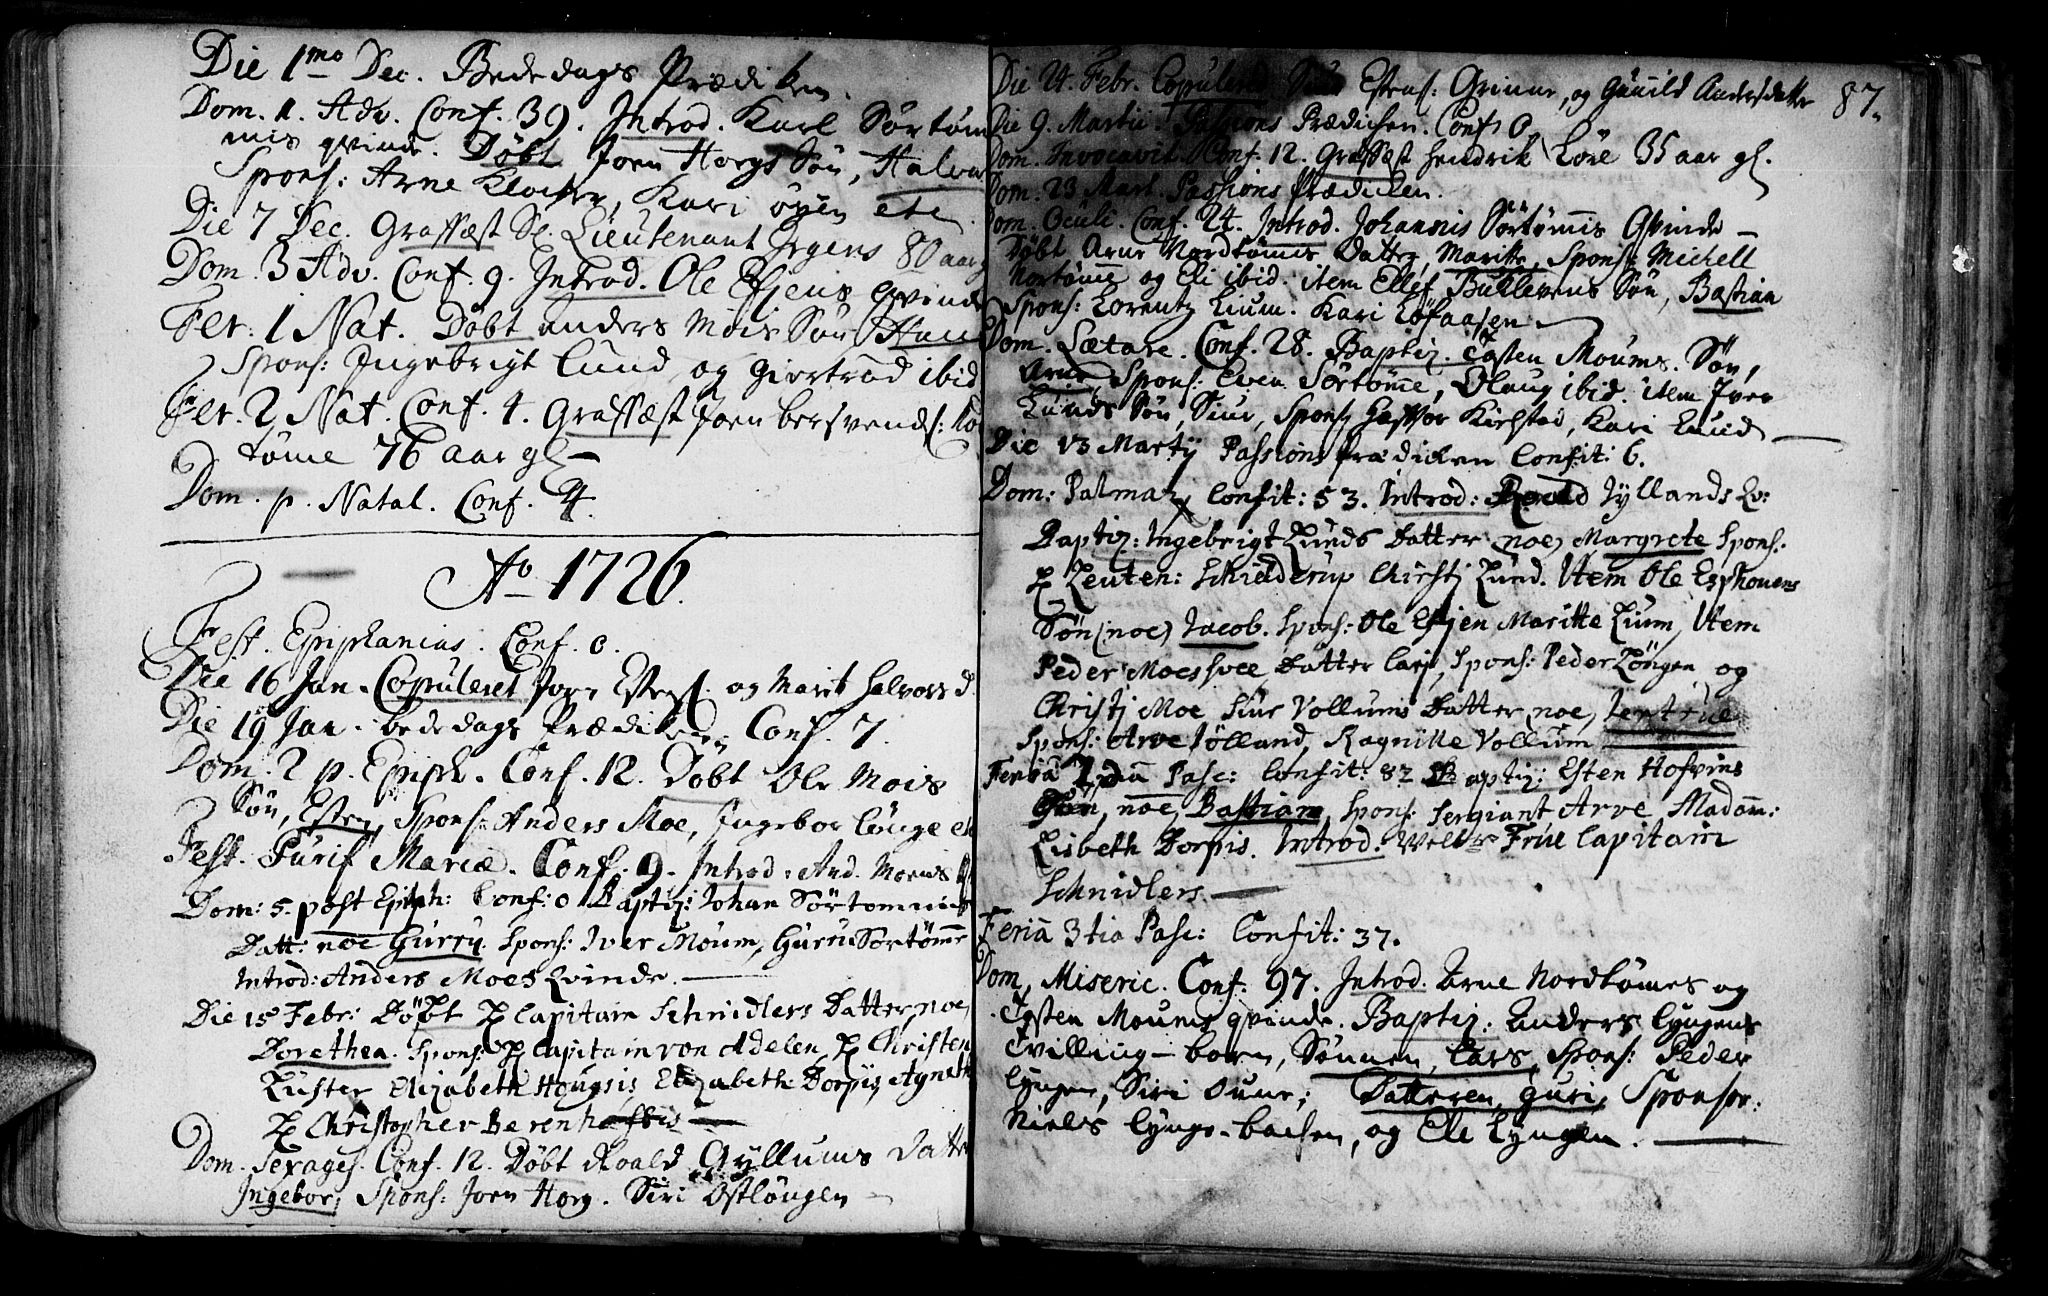 SAT, Ministerialprotokoller, klokkerbøker og fødselsregistre - Sør-Trøndelag, 692/L1101: Ministerialbok nr. 692A01, 1690-1746, s. 87